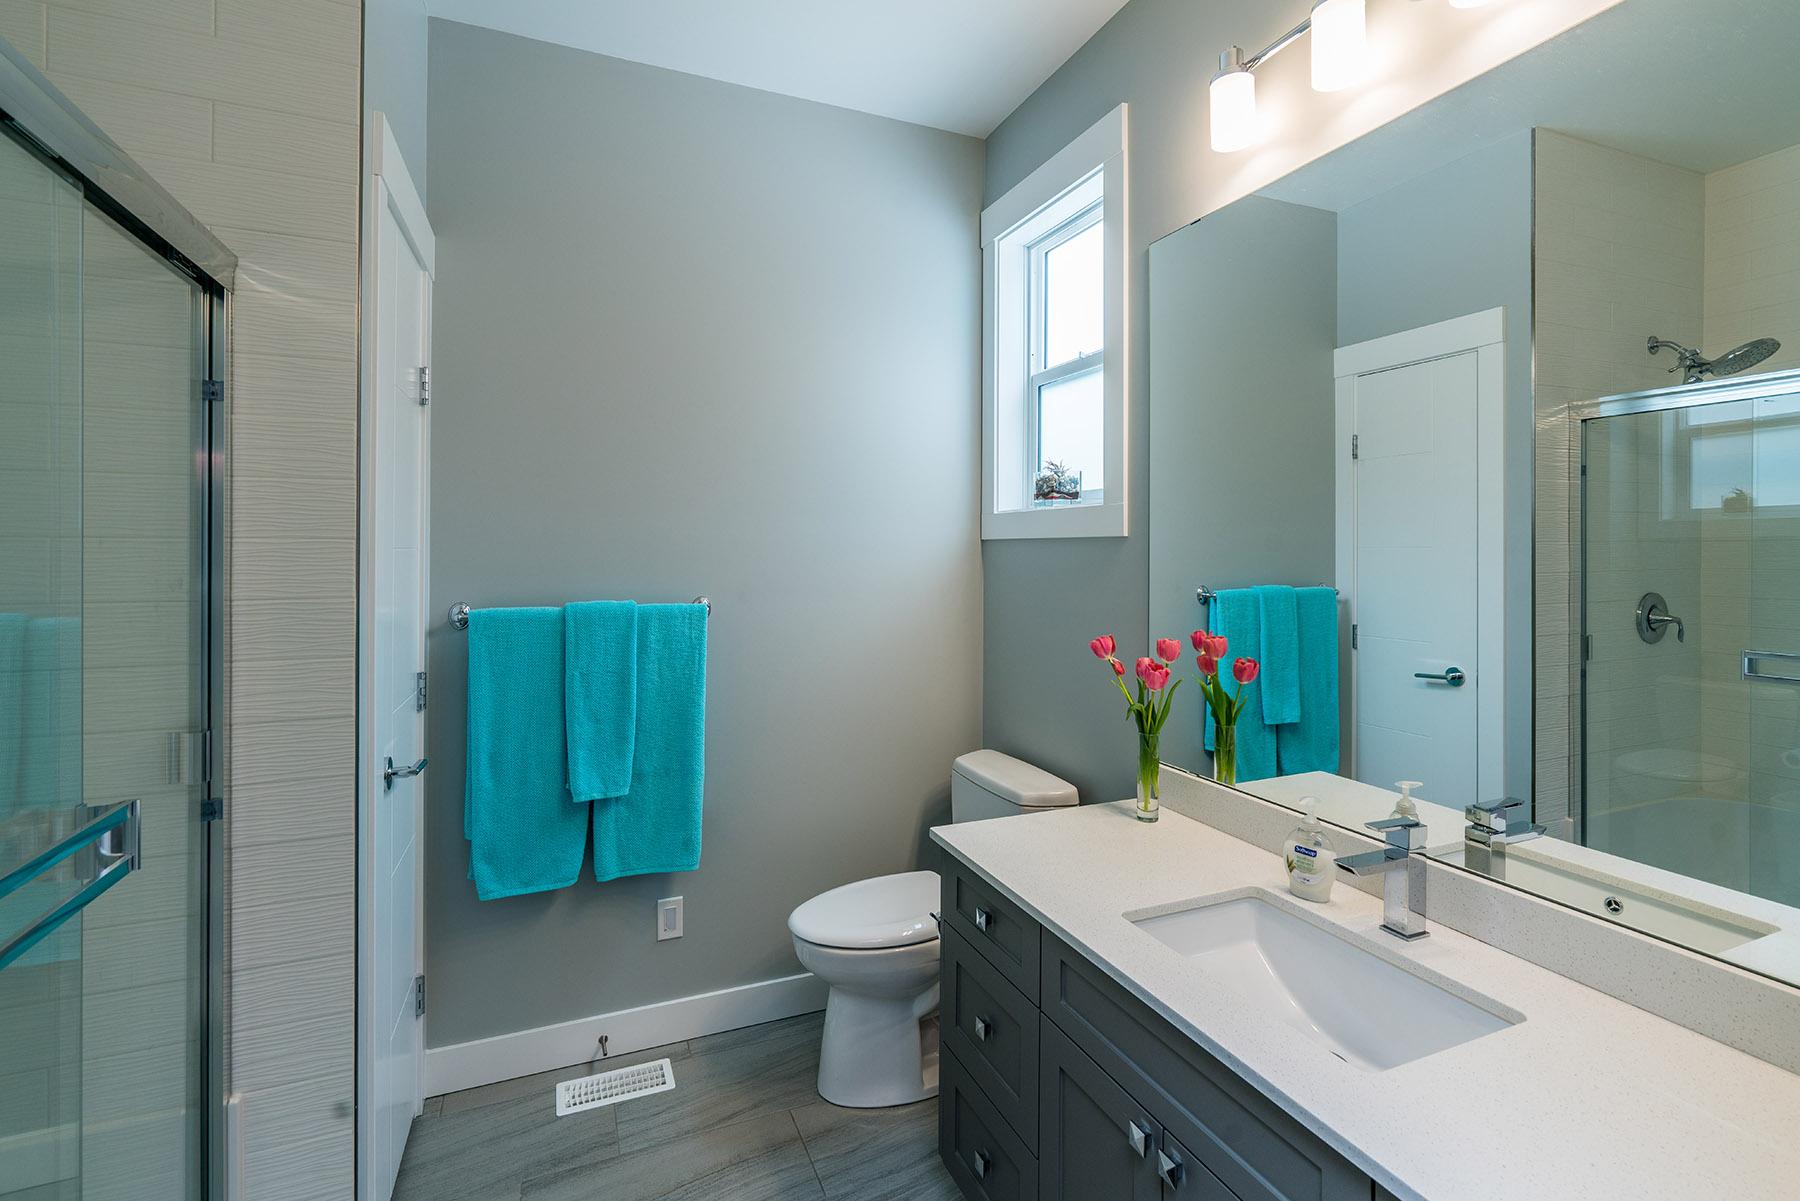 Bathroom - Vista2818 005